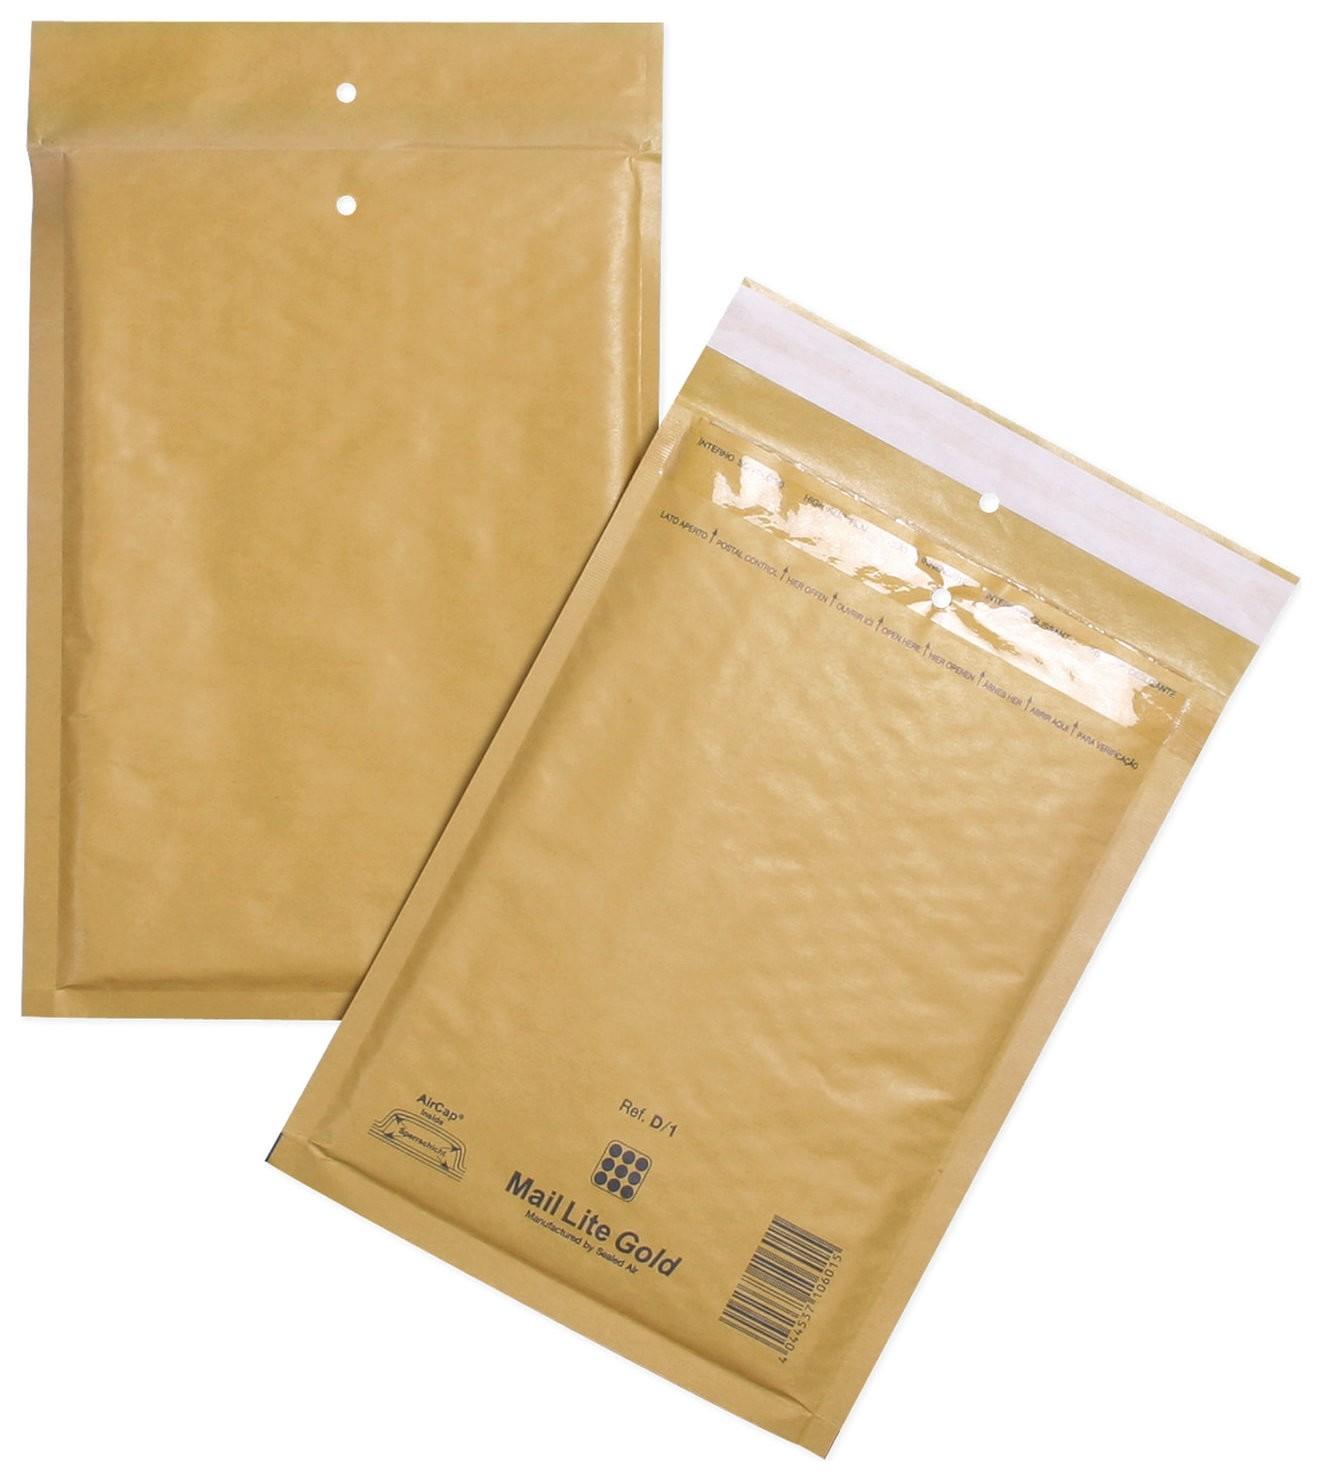 Конверт-пакеты с прослойкой из пузырчатой пленки (200х270 мм), крафт-бумага, отрывная полоса, комплект 100 шт.  Курт